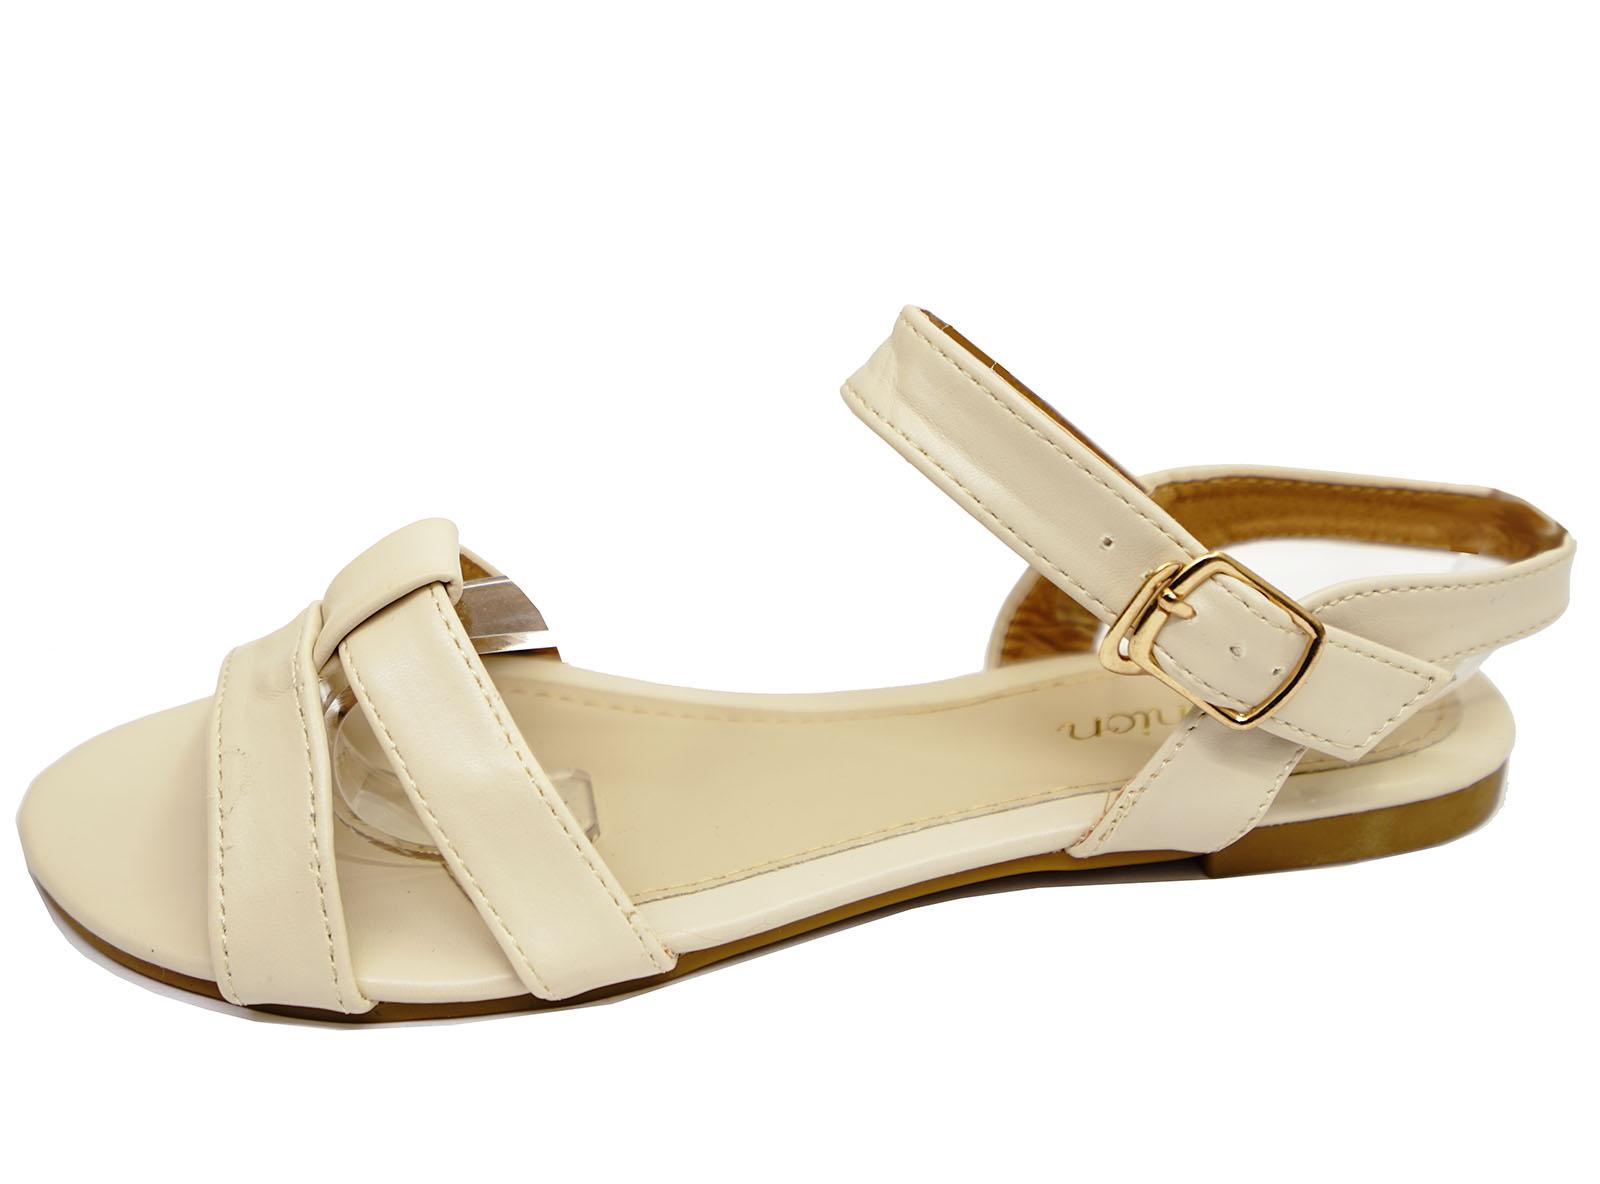 Mujeres Beige Plana Sin Puntera Cómodos Zapatos Sandalias De Verano Tamaños 3-8 bombas de vacaciones